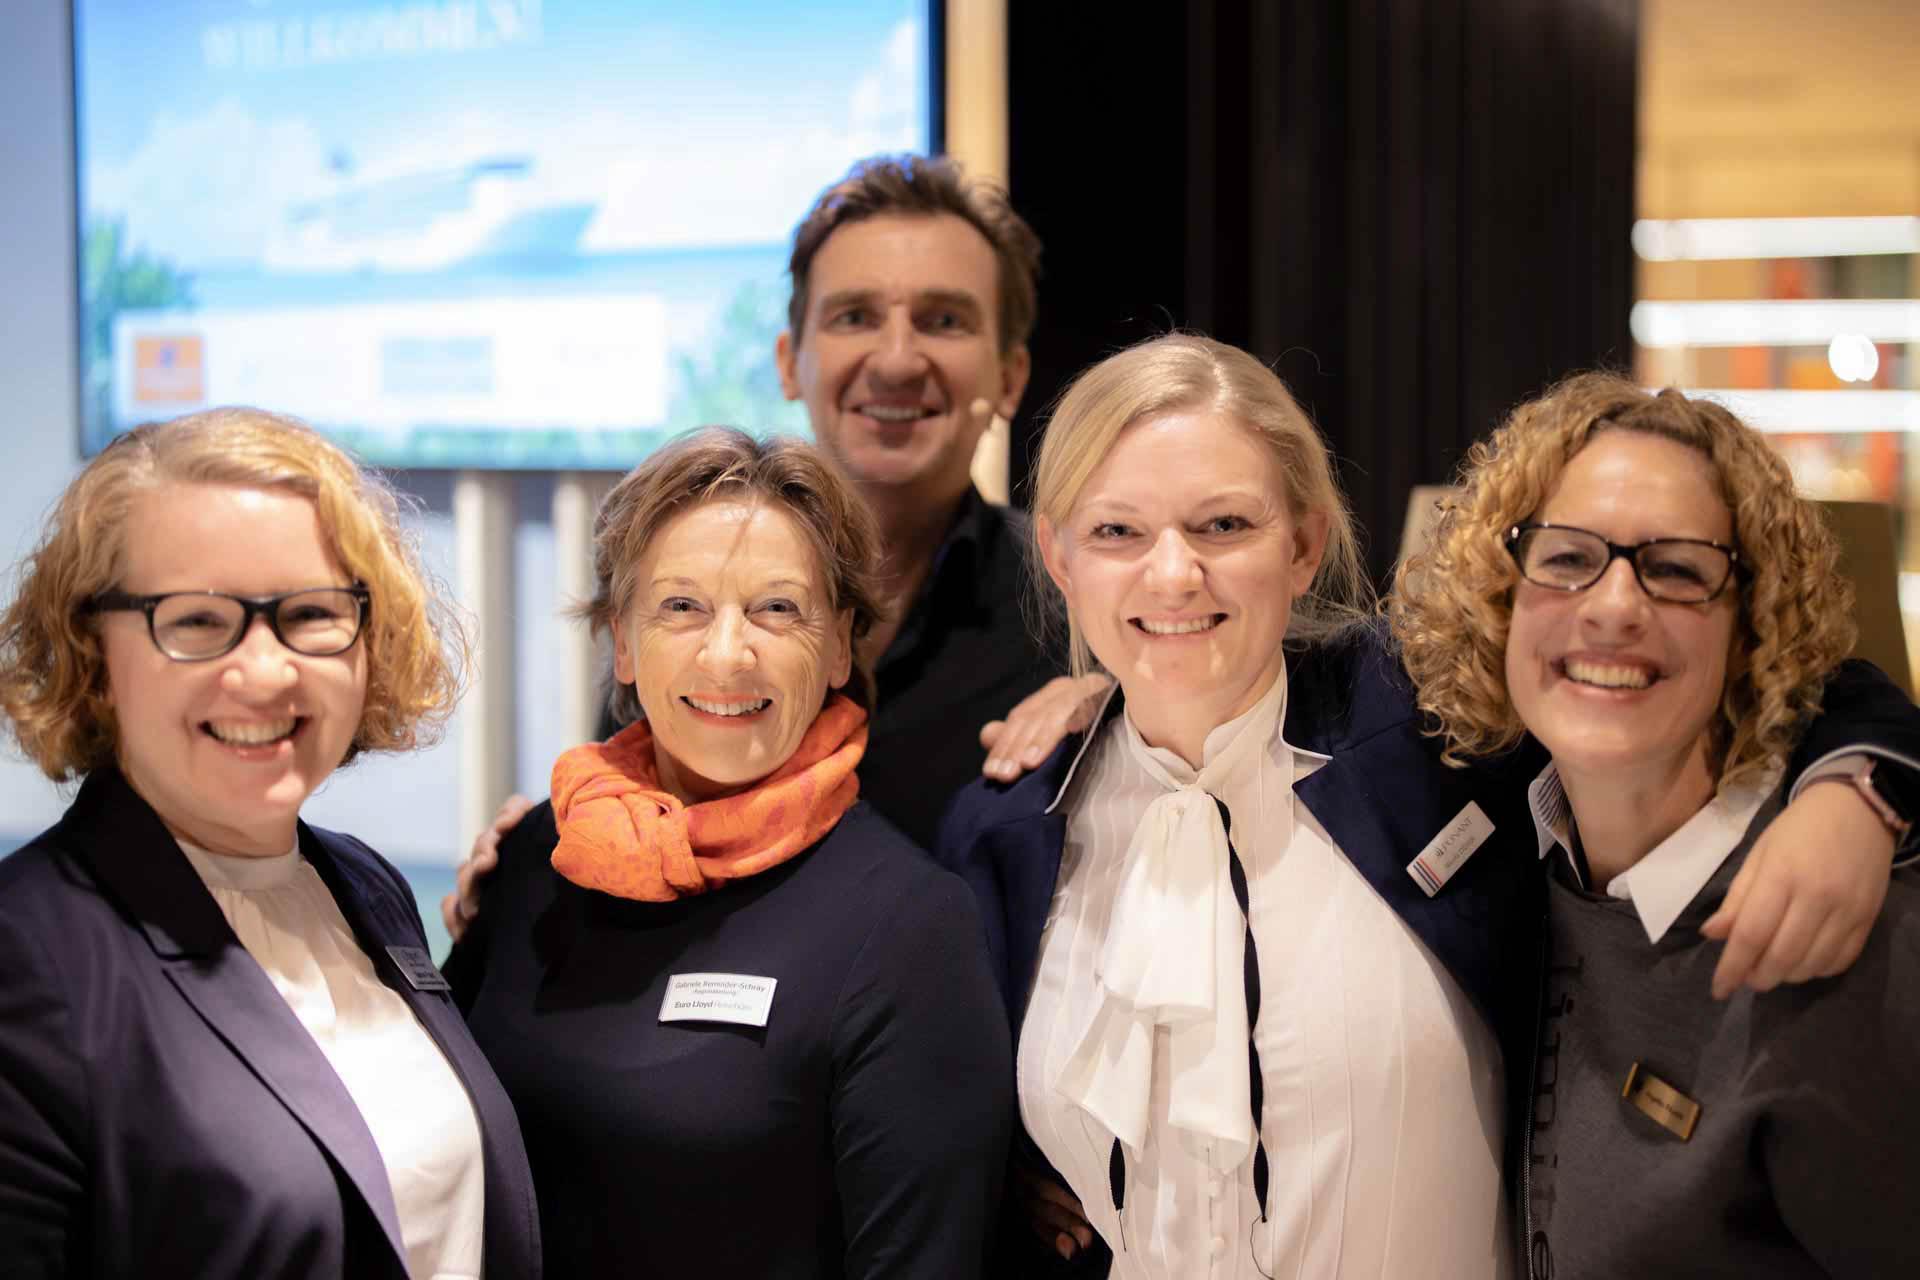 Sabine Franz, Gabriele Reminder-Schray, Kai Schepp, Nicole Didier, Angelika Fäustle